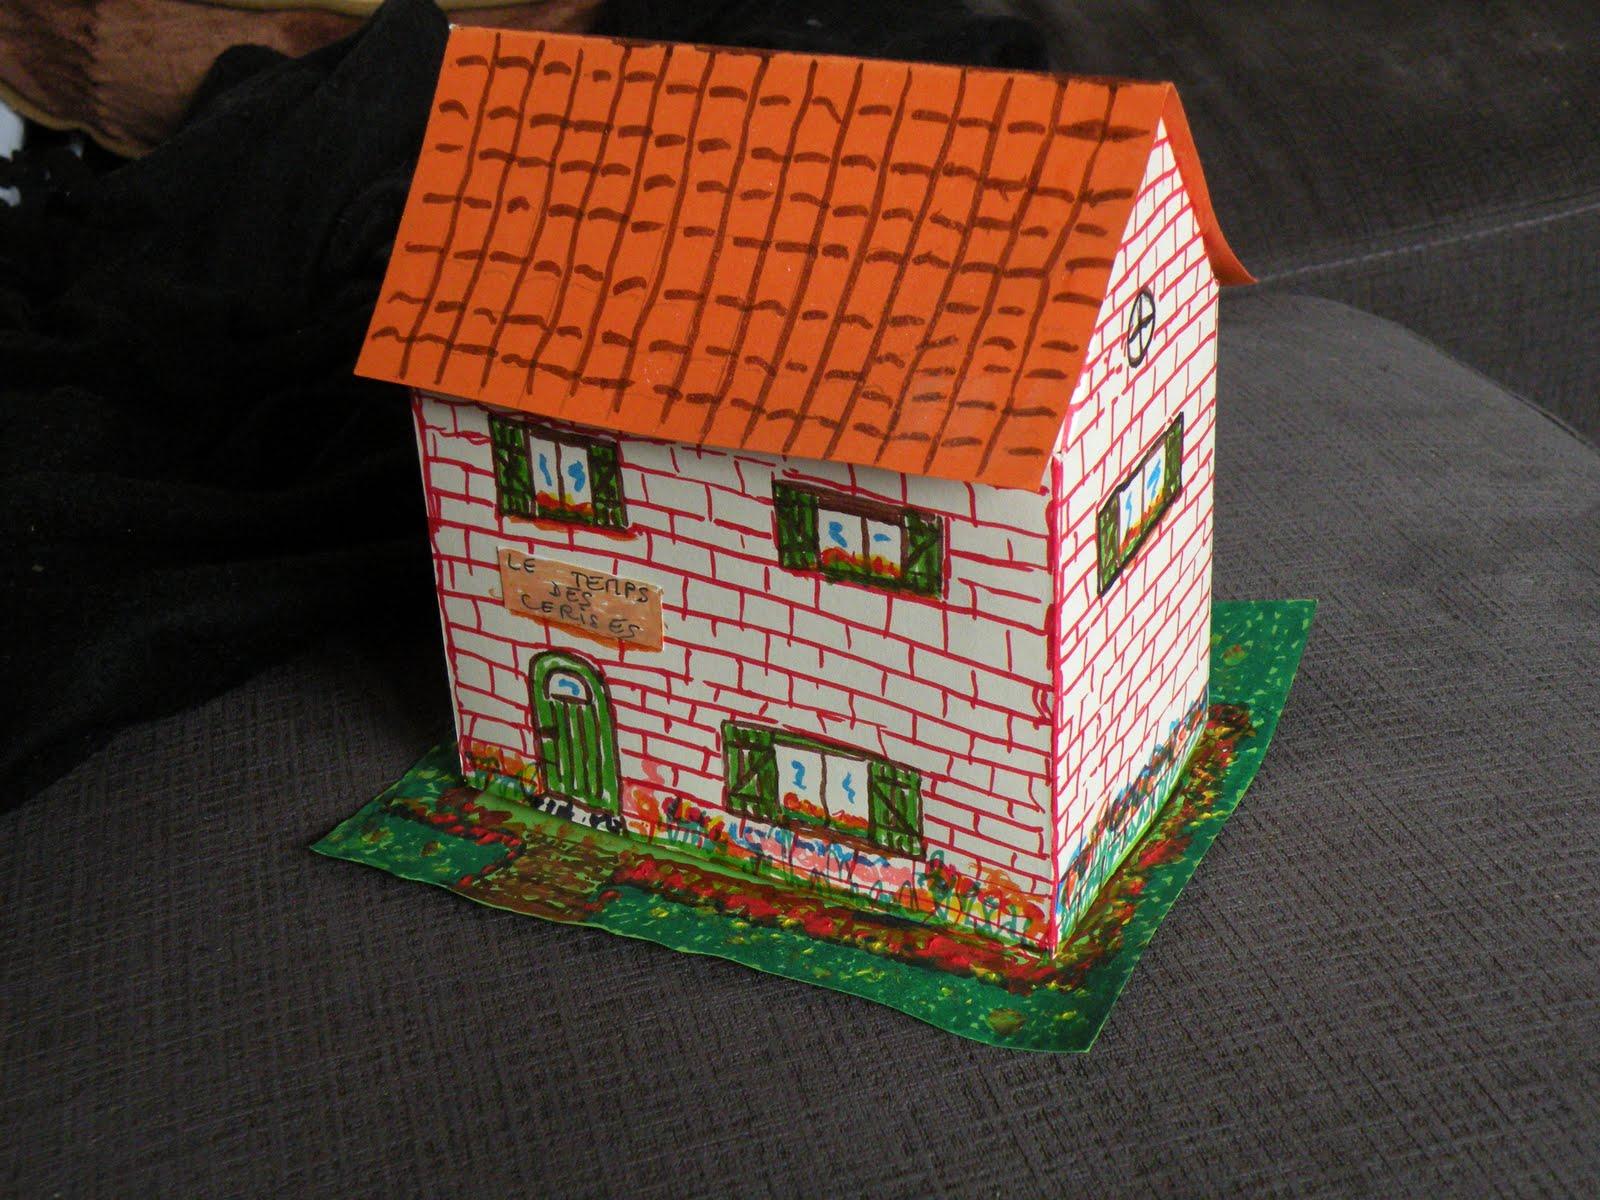 comment faire pour construire une maison maison bois. Black Bedroom Furniture Sets. Home Design Ideas